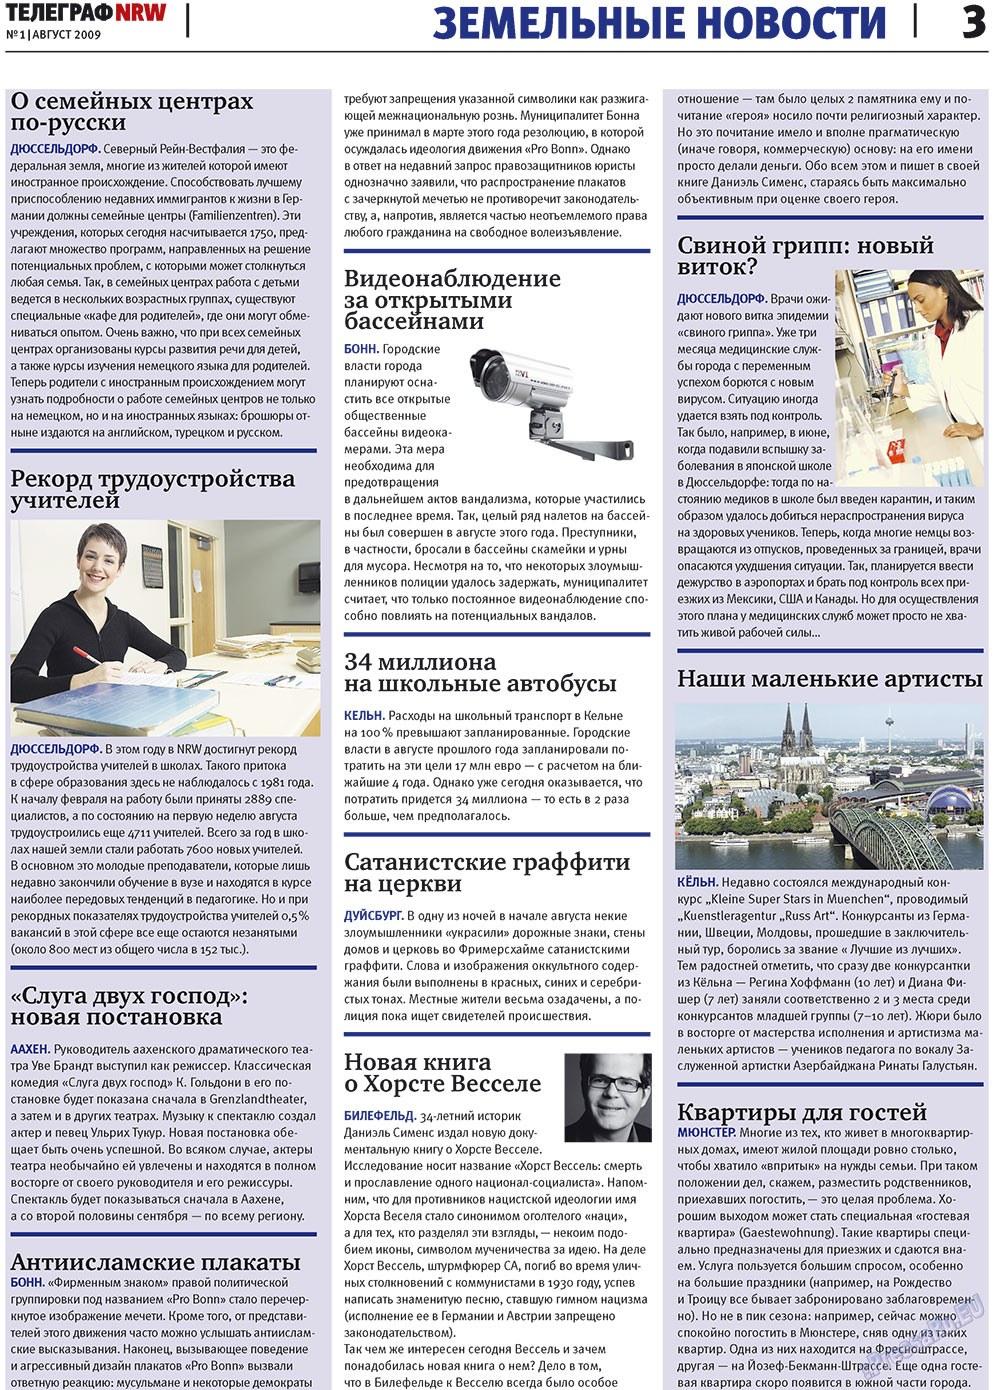 Телеграф NRW (газета). 2009 год, номер 1, стр. 3